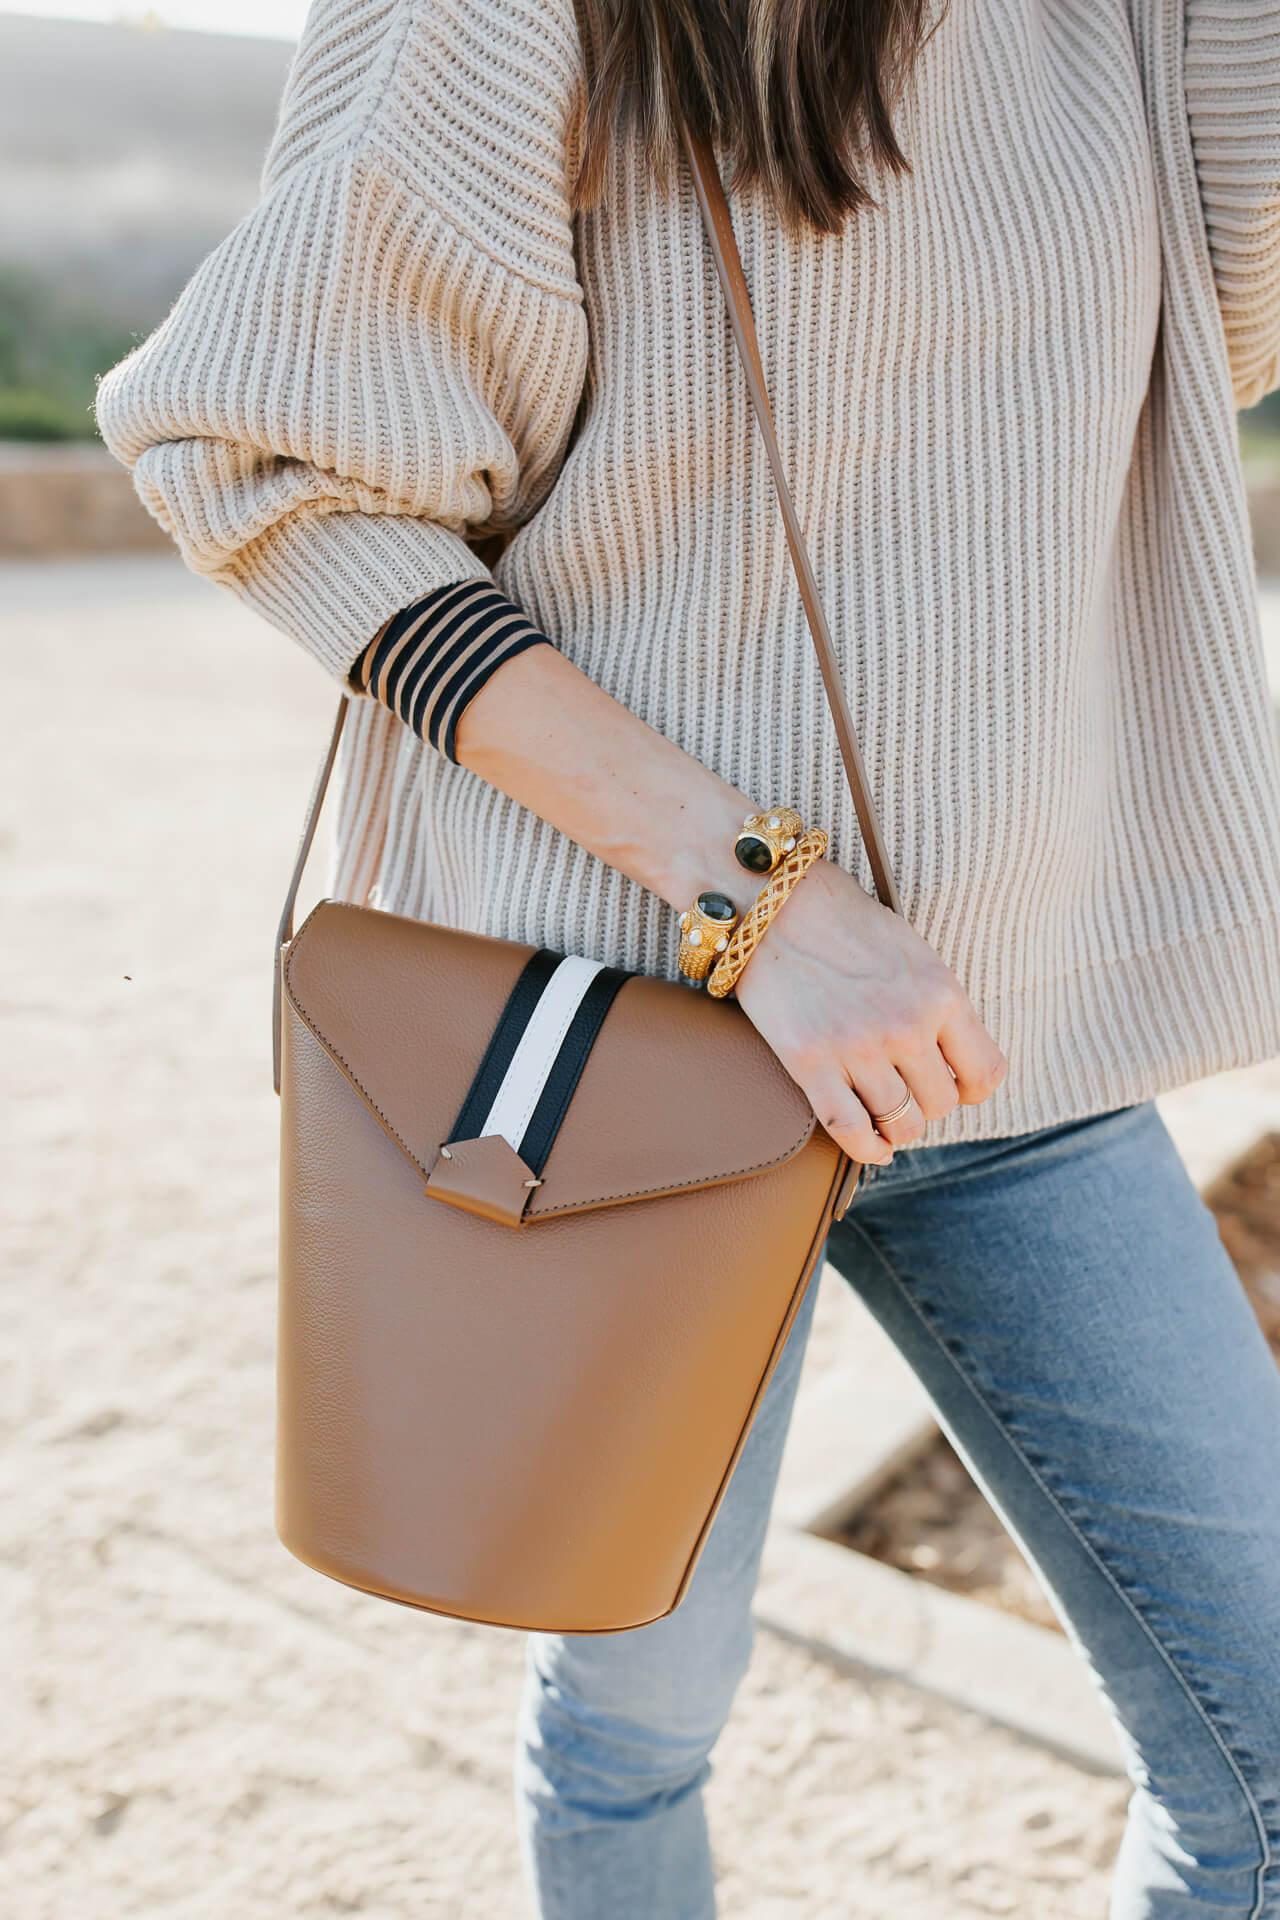 I love this striped handbag! - M Loves M @marmar